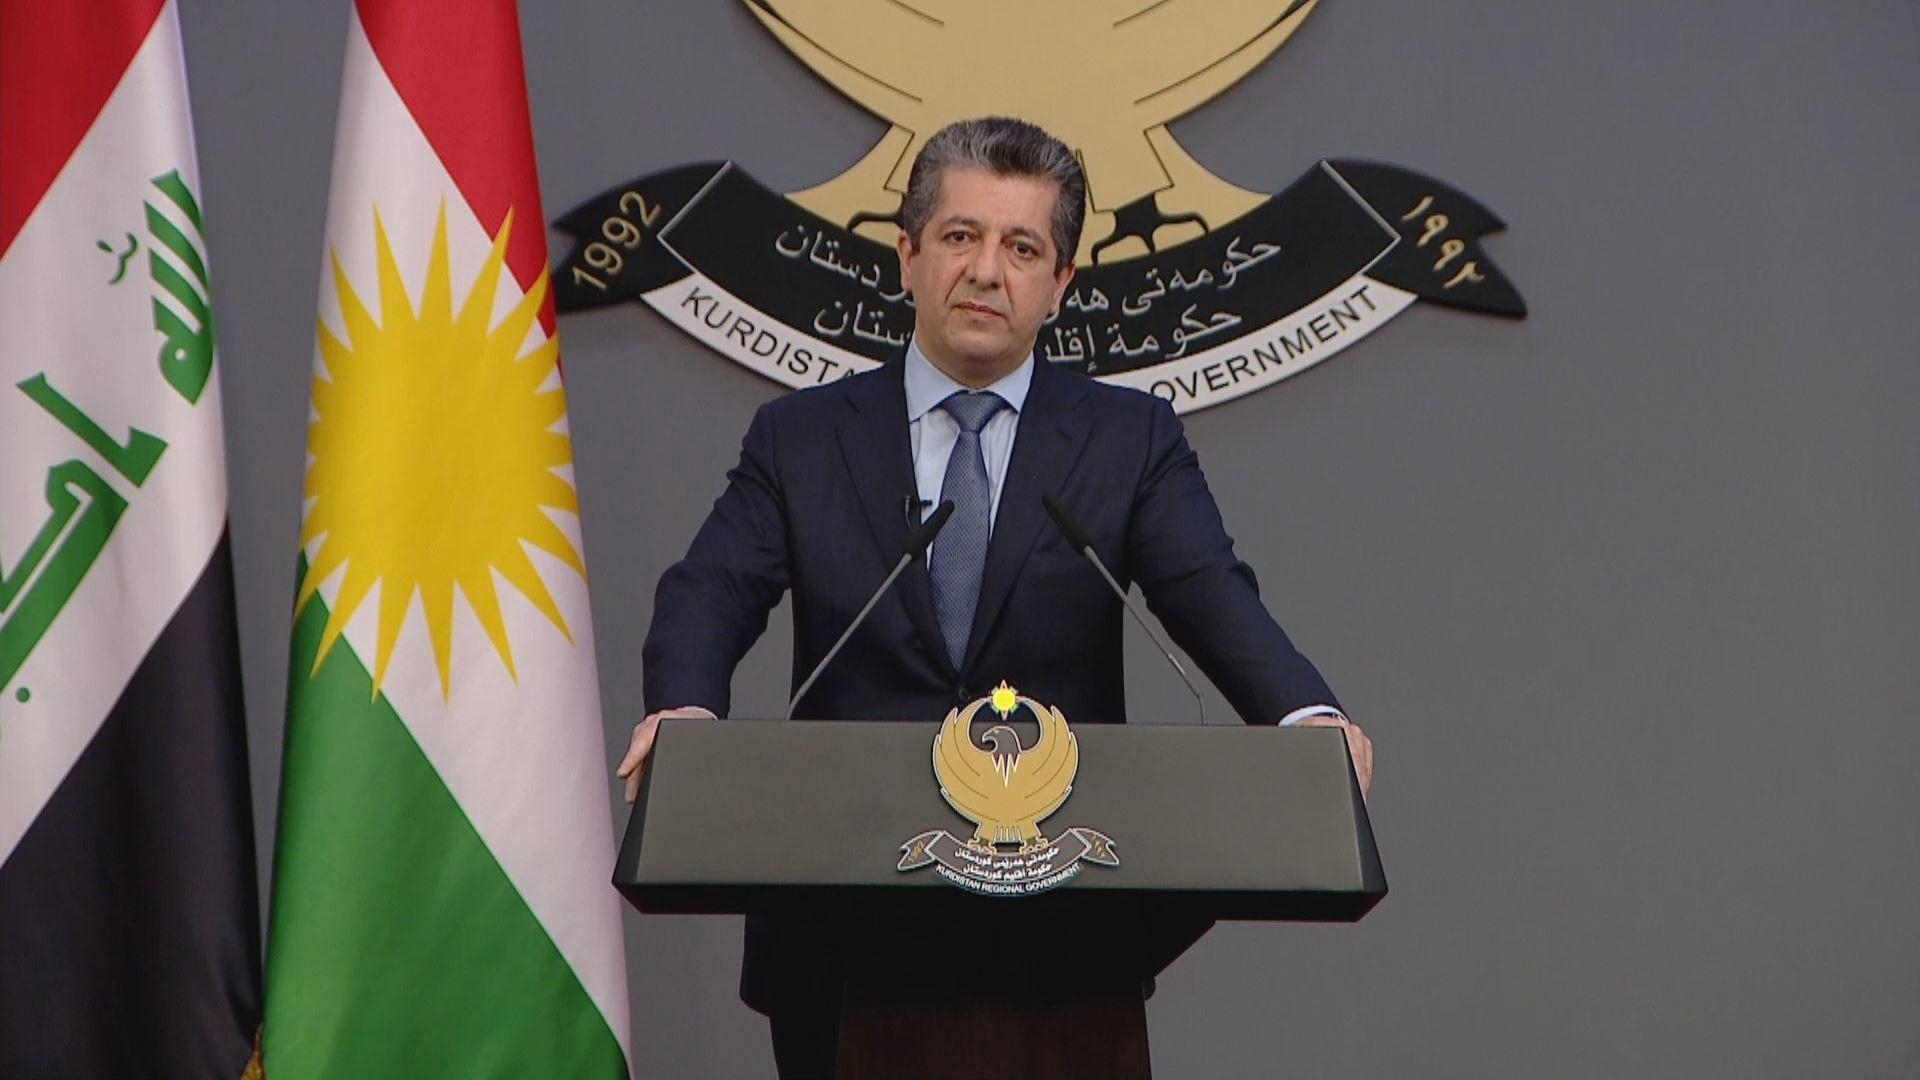 Başbakan Barzani'den Bakanlar Kurulu toplantısı sonrası önemli açıklamalar: Hiçbir şekilde anayasal haklarımızdan vazgeçmeyeceğiz